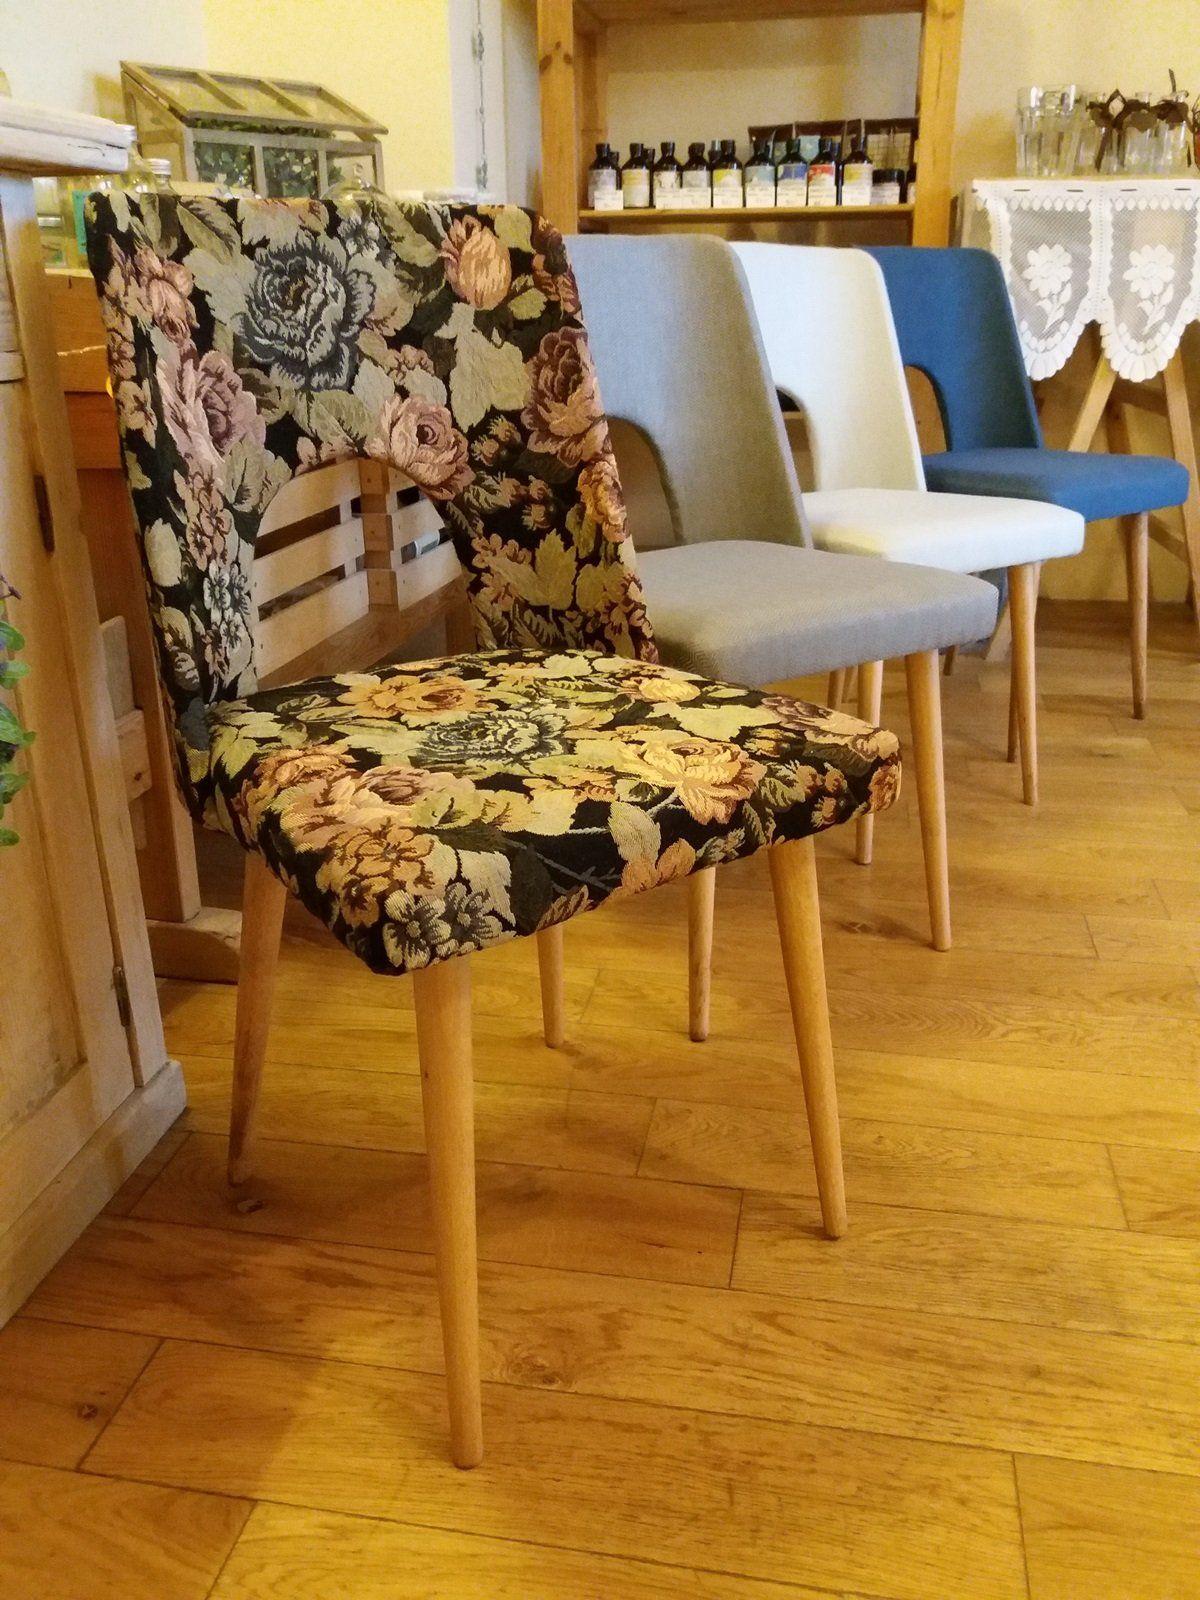 Renowacja Krzesla Muszelka Okienko Dziurka Prl 7486757067 Allegro Pl Wiecej Niz Aukcje Renovations